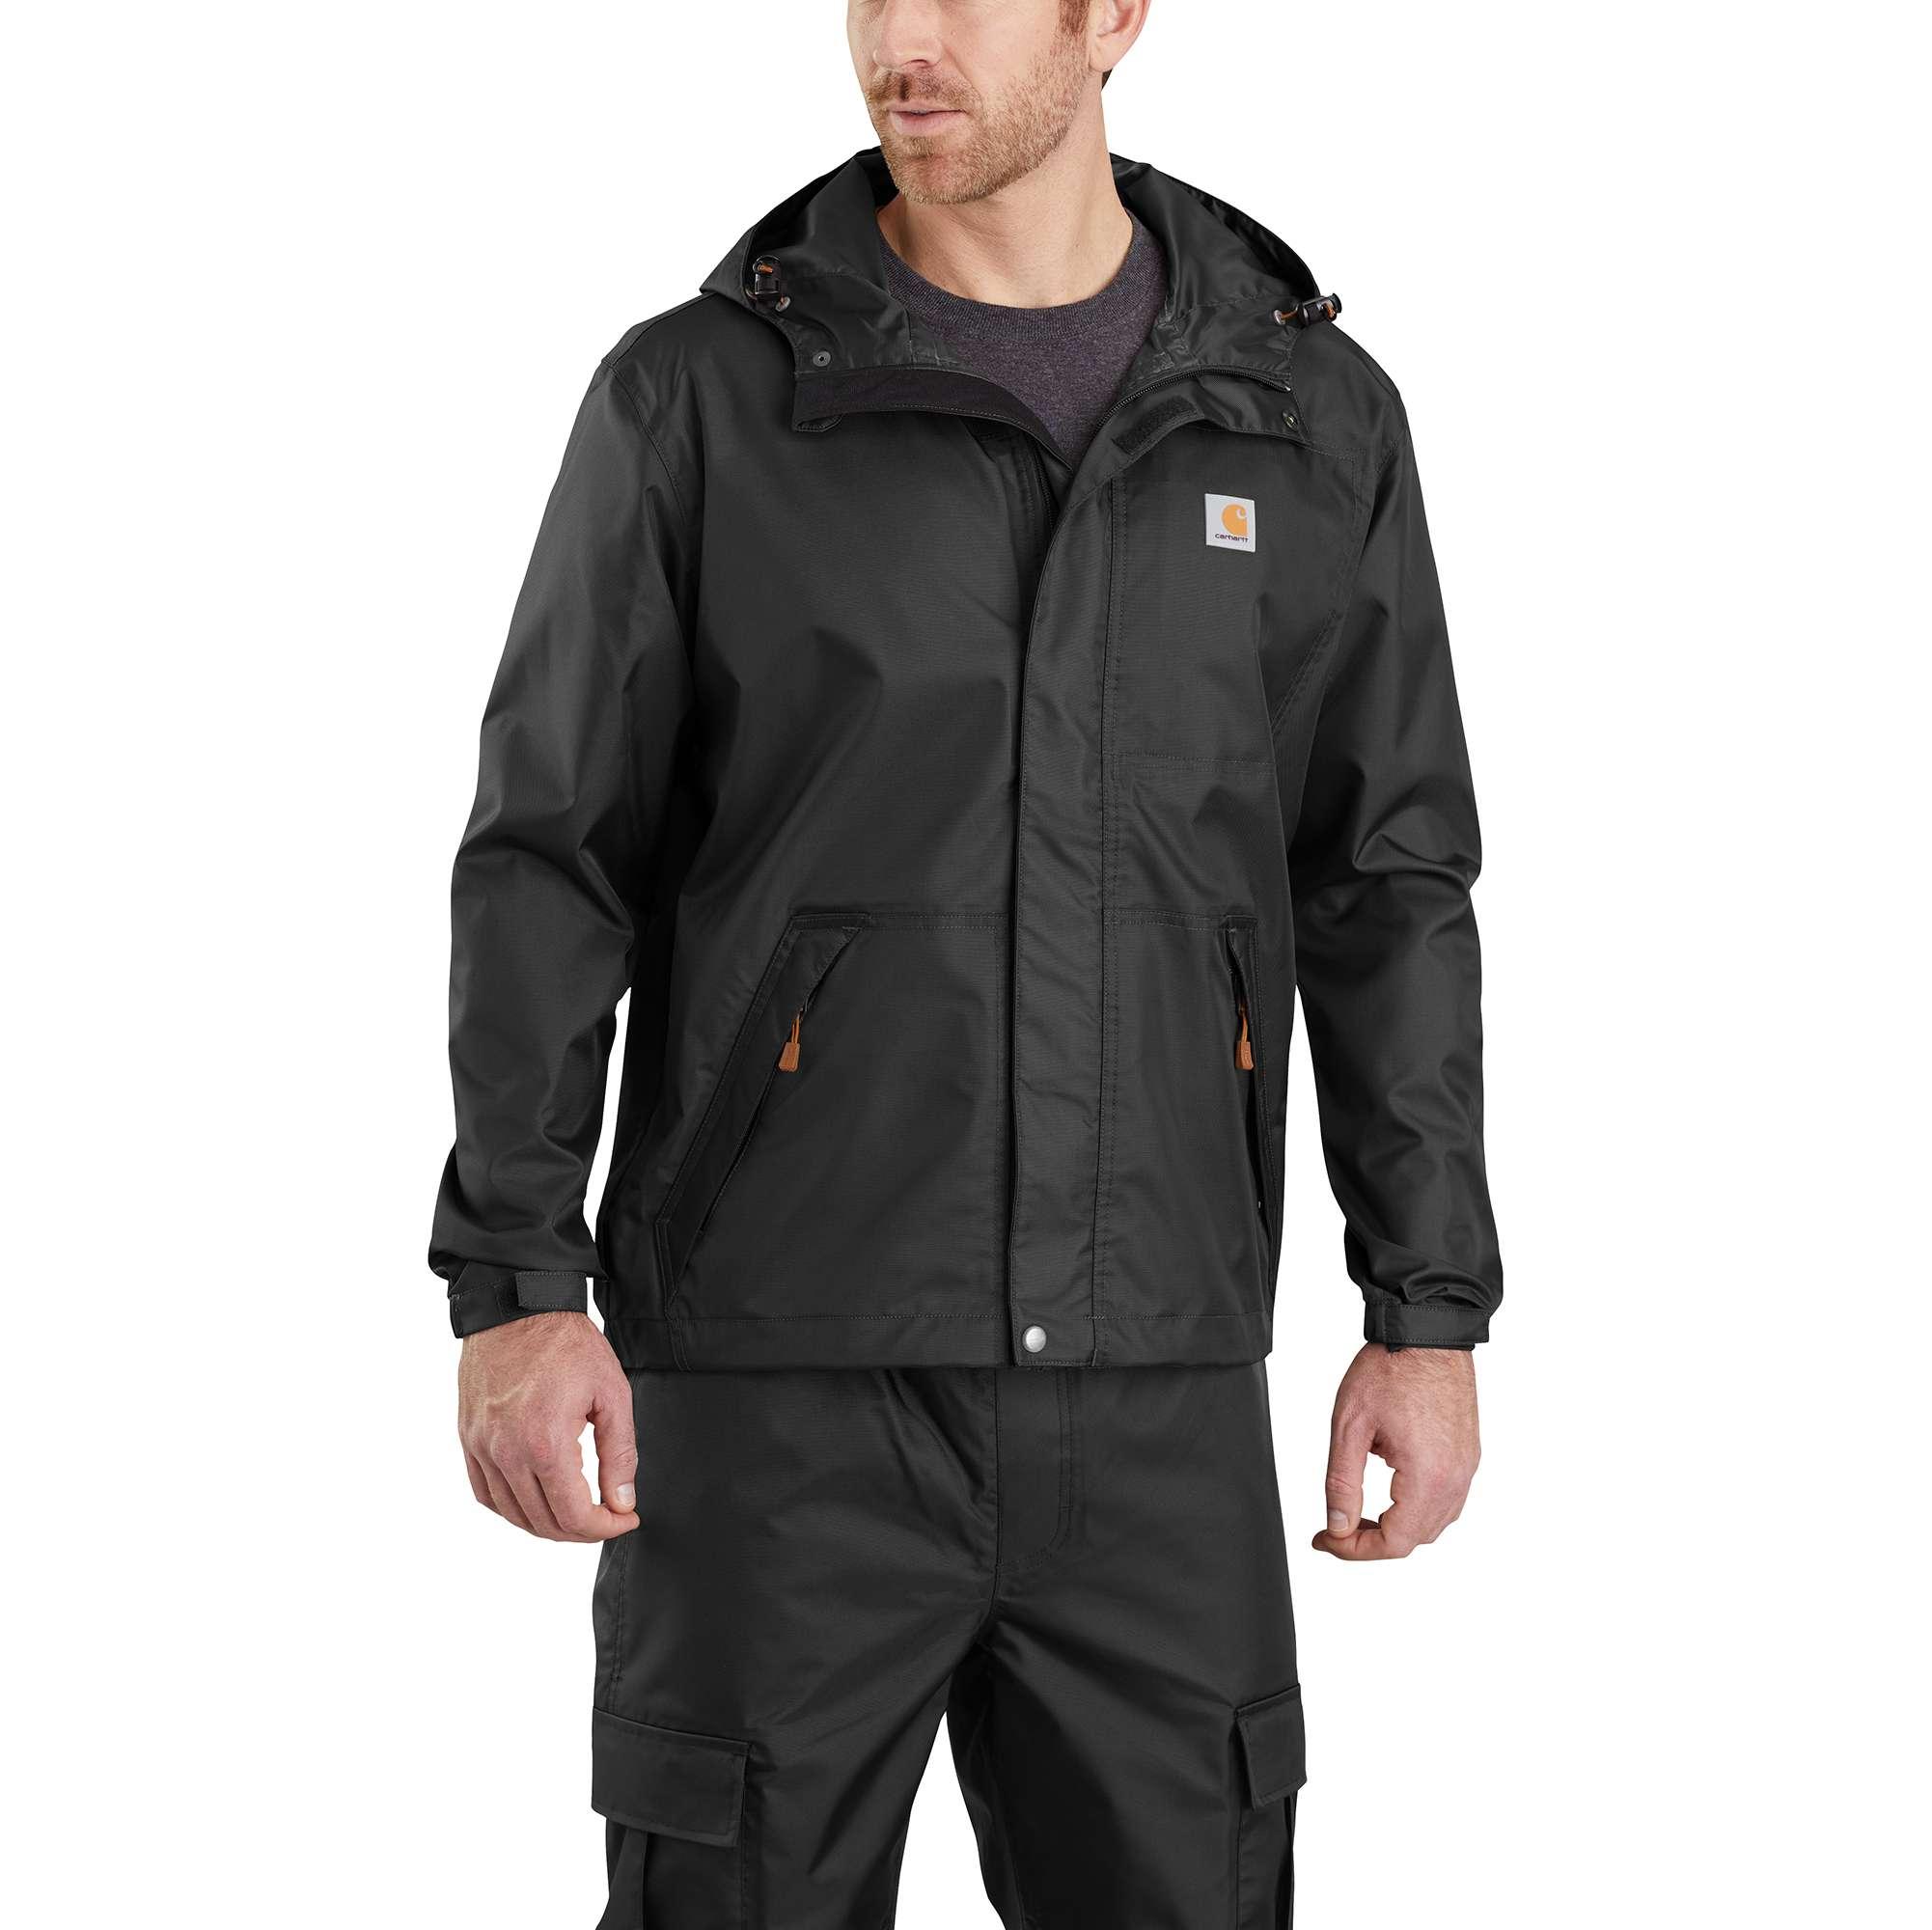 Carhartt Dry Harbor Waterproof Breathable Jacket